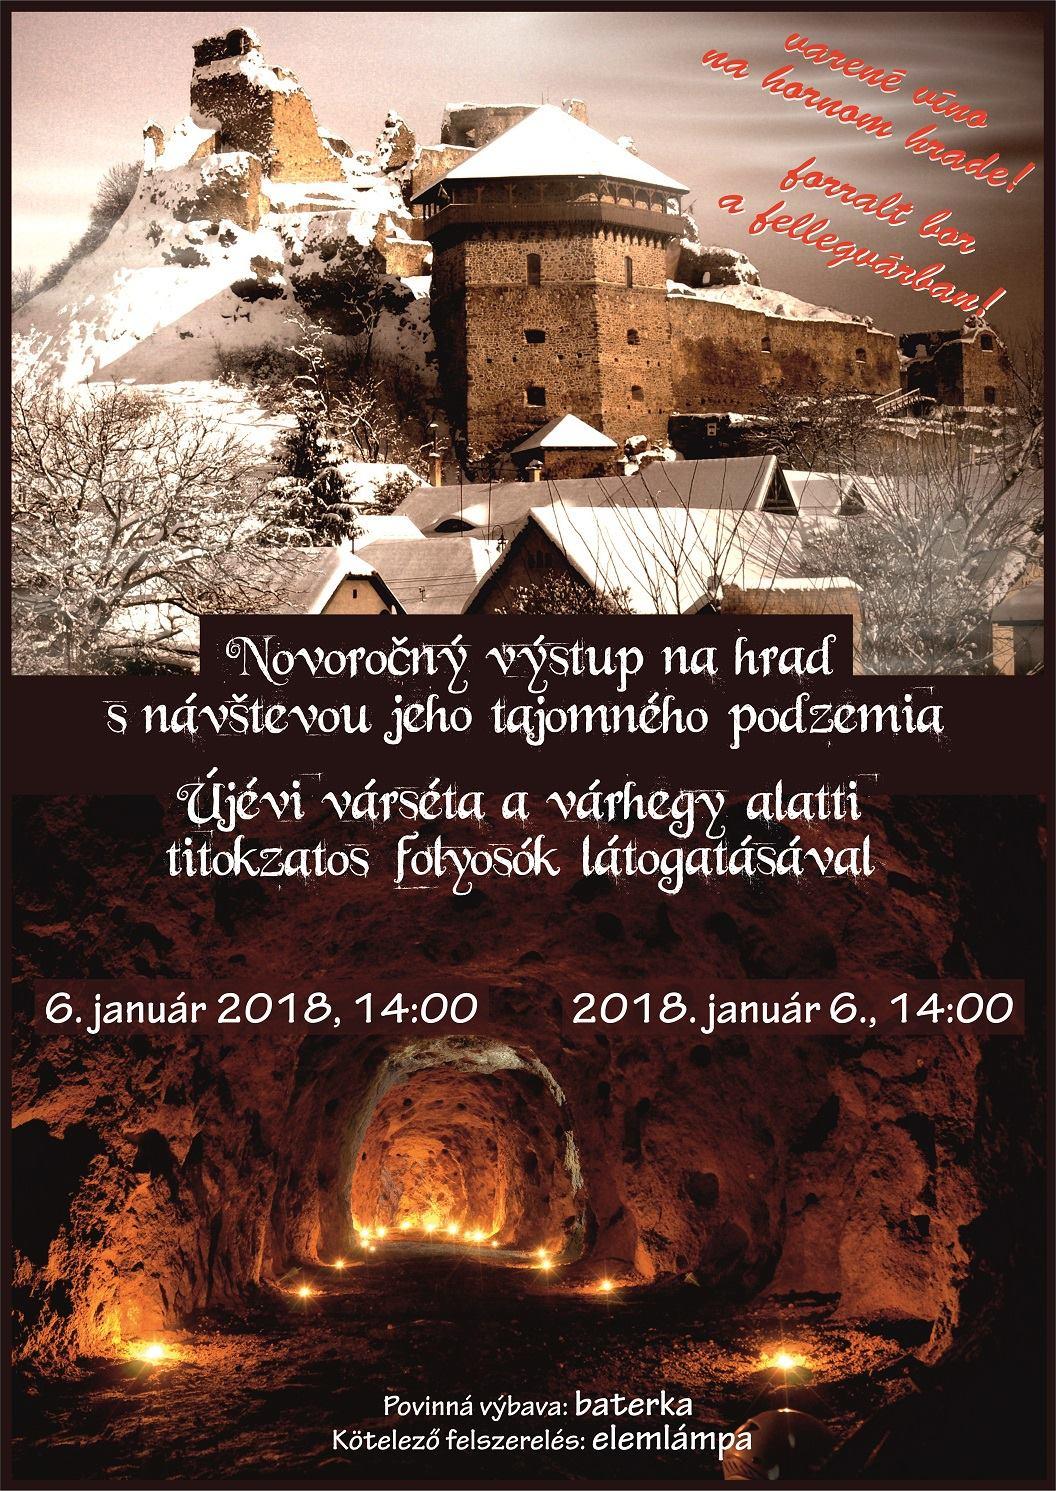 Novoročný výstup na hrad @ Fiľakovo